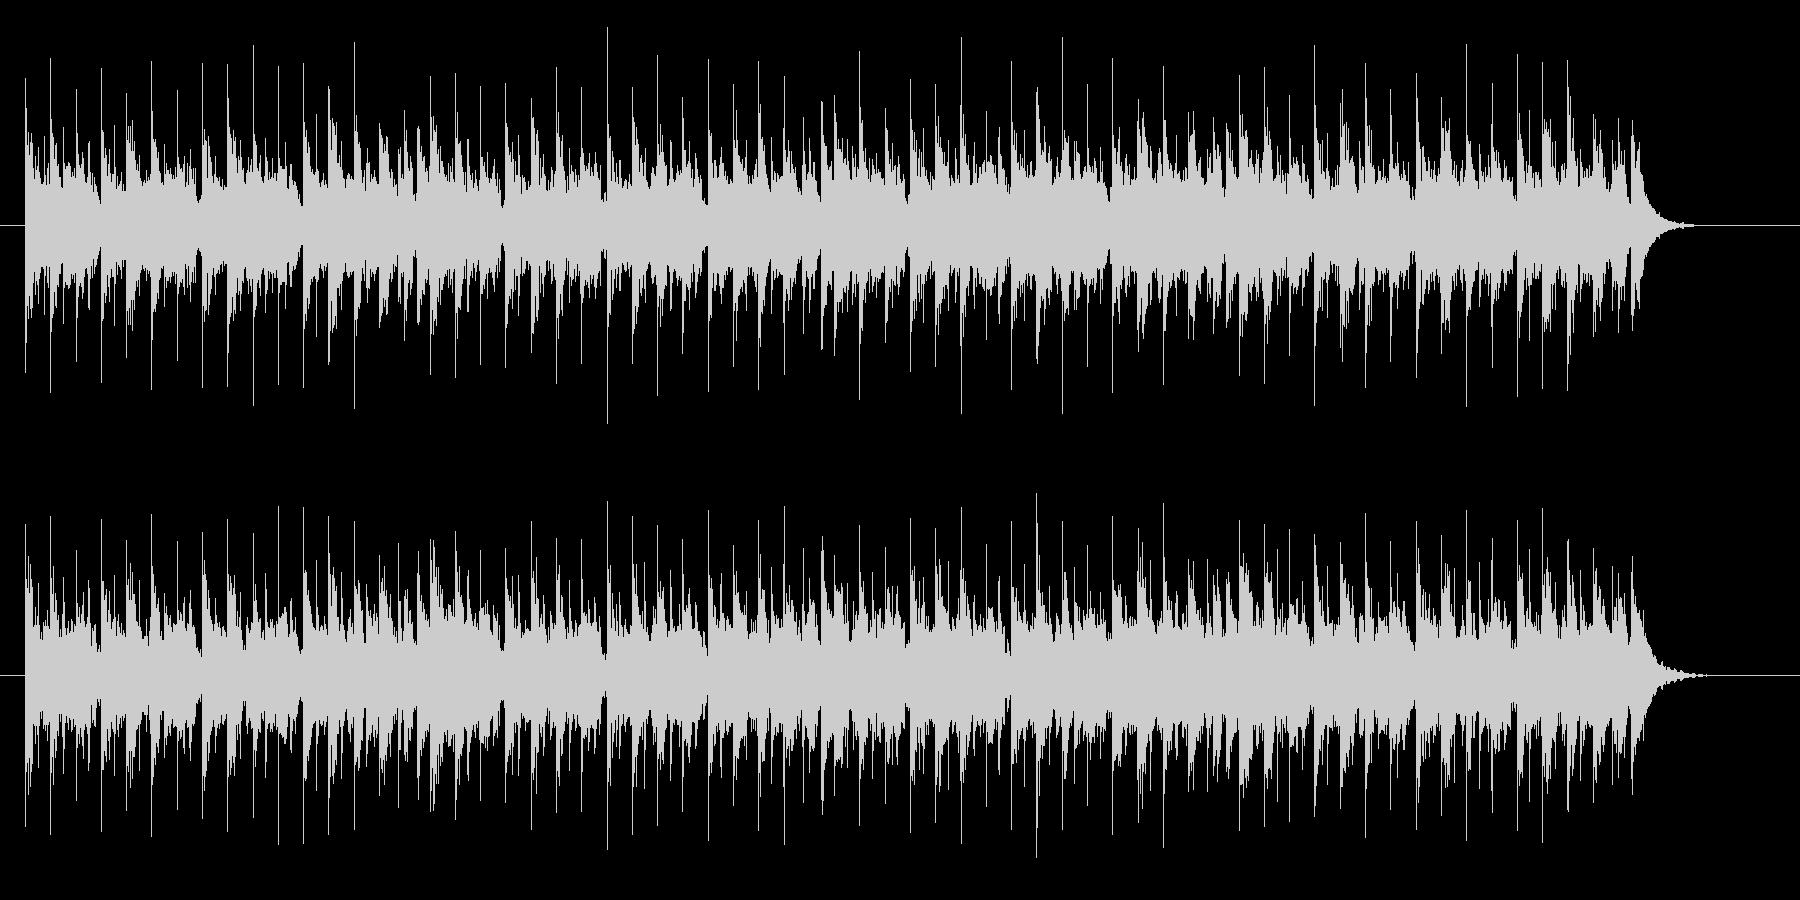 明るい感じの曲ですの未再生の波形